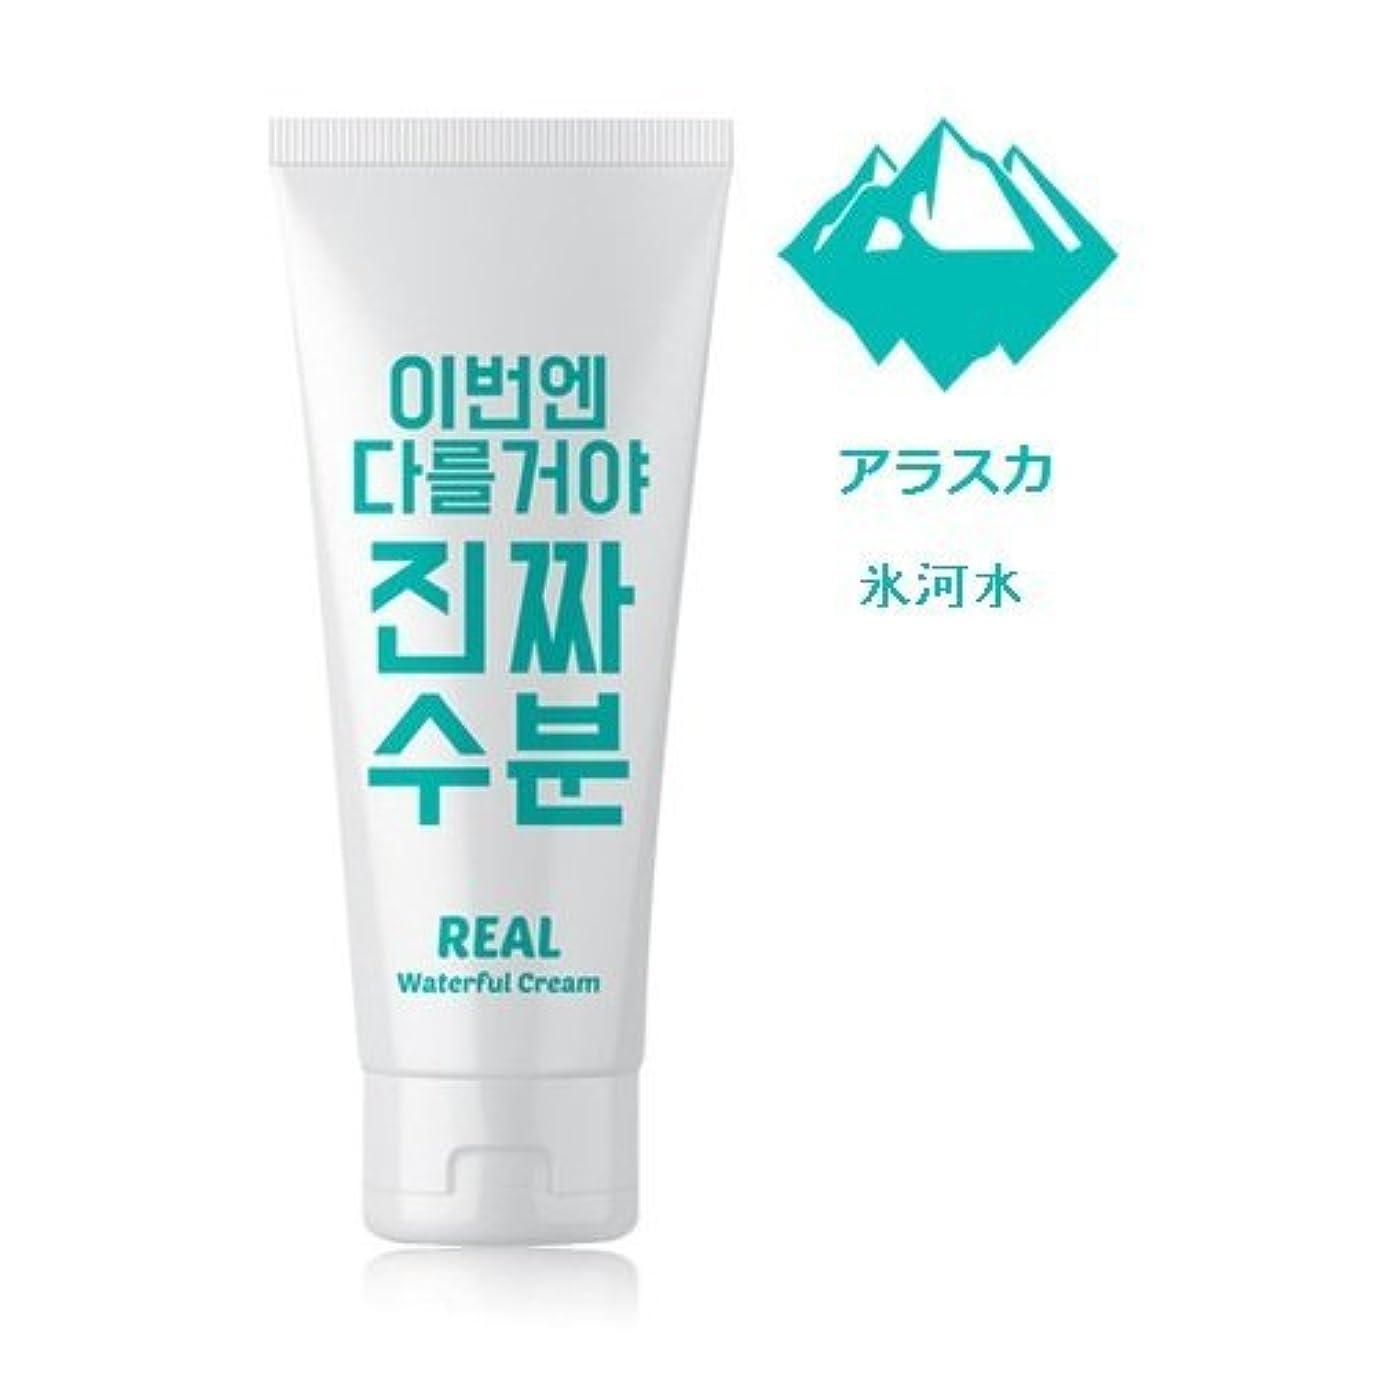 徹底的に覗く第二に[1+1]Jaminkyung [FREE MARK] Real Waterful Cream 200g*2EA ジャミンギョン[フリーマーク]今度は違うぞ!! 本当の水分クリーム [並行輸入品]